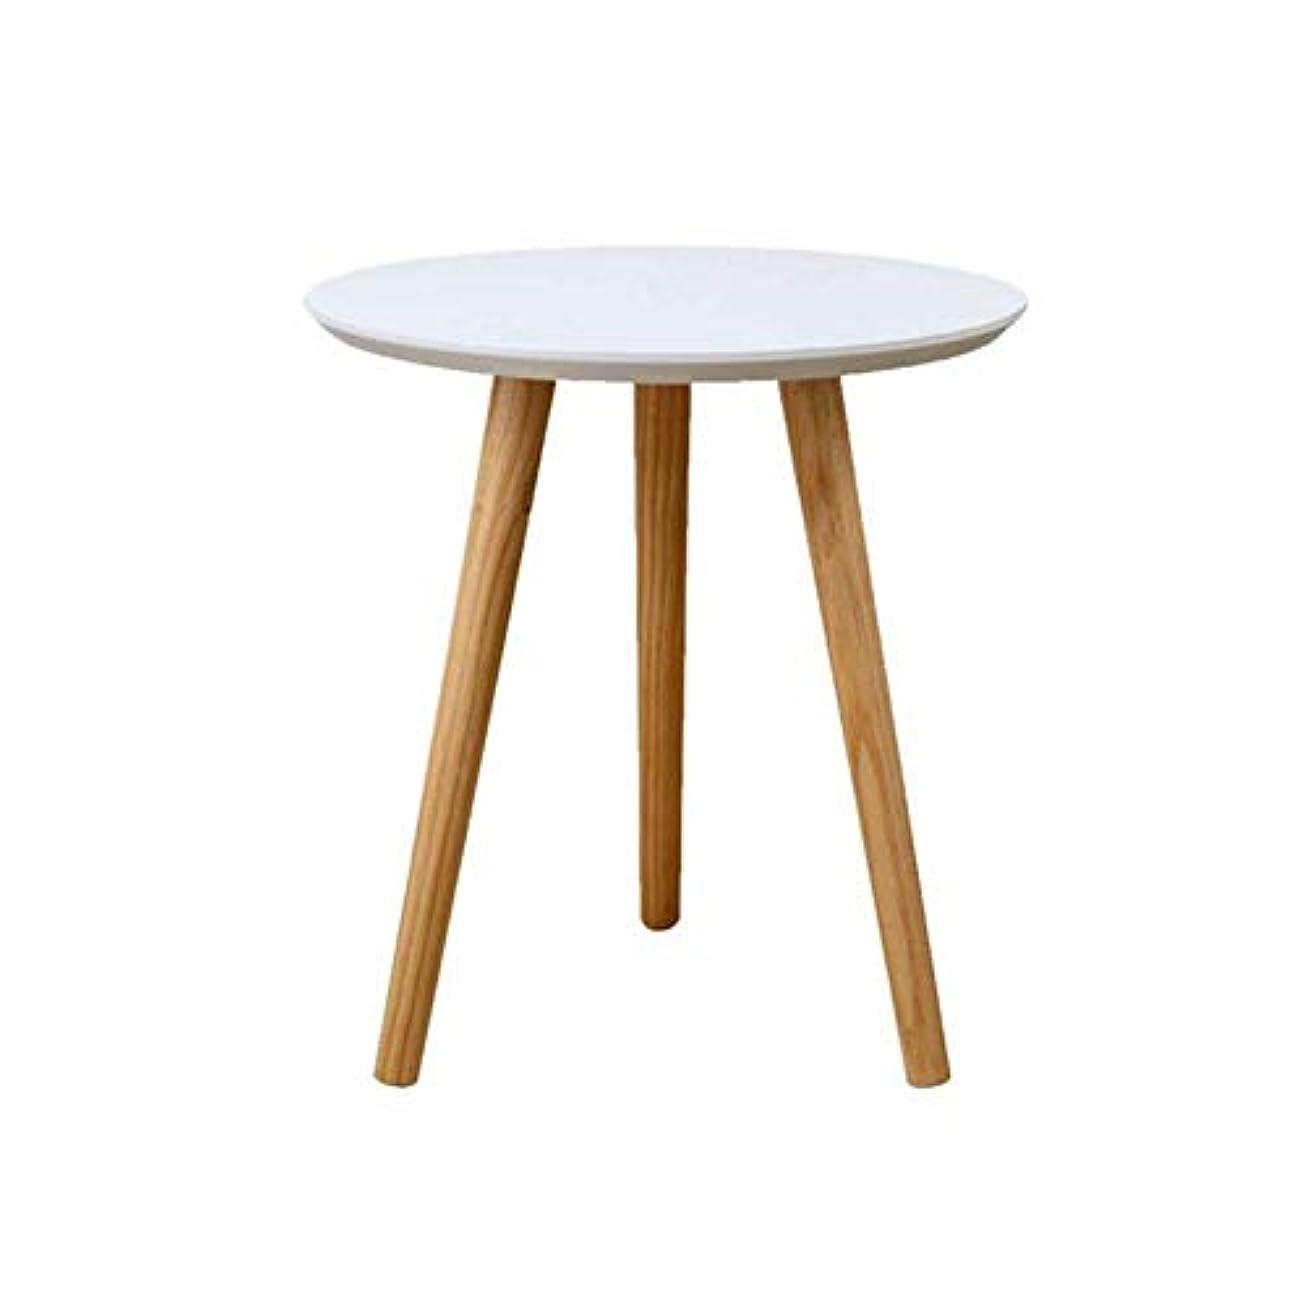 俳句ためにステップテーブル?チェアセット 表 机 レトロ MDF 円形 側 コーヒー ダイニング ランプ 終わり 表 木材 白 バルコニー 生活 ルーム CJC (サイズ さいず : 40x42cm)